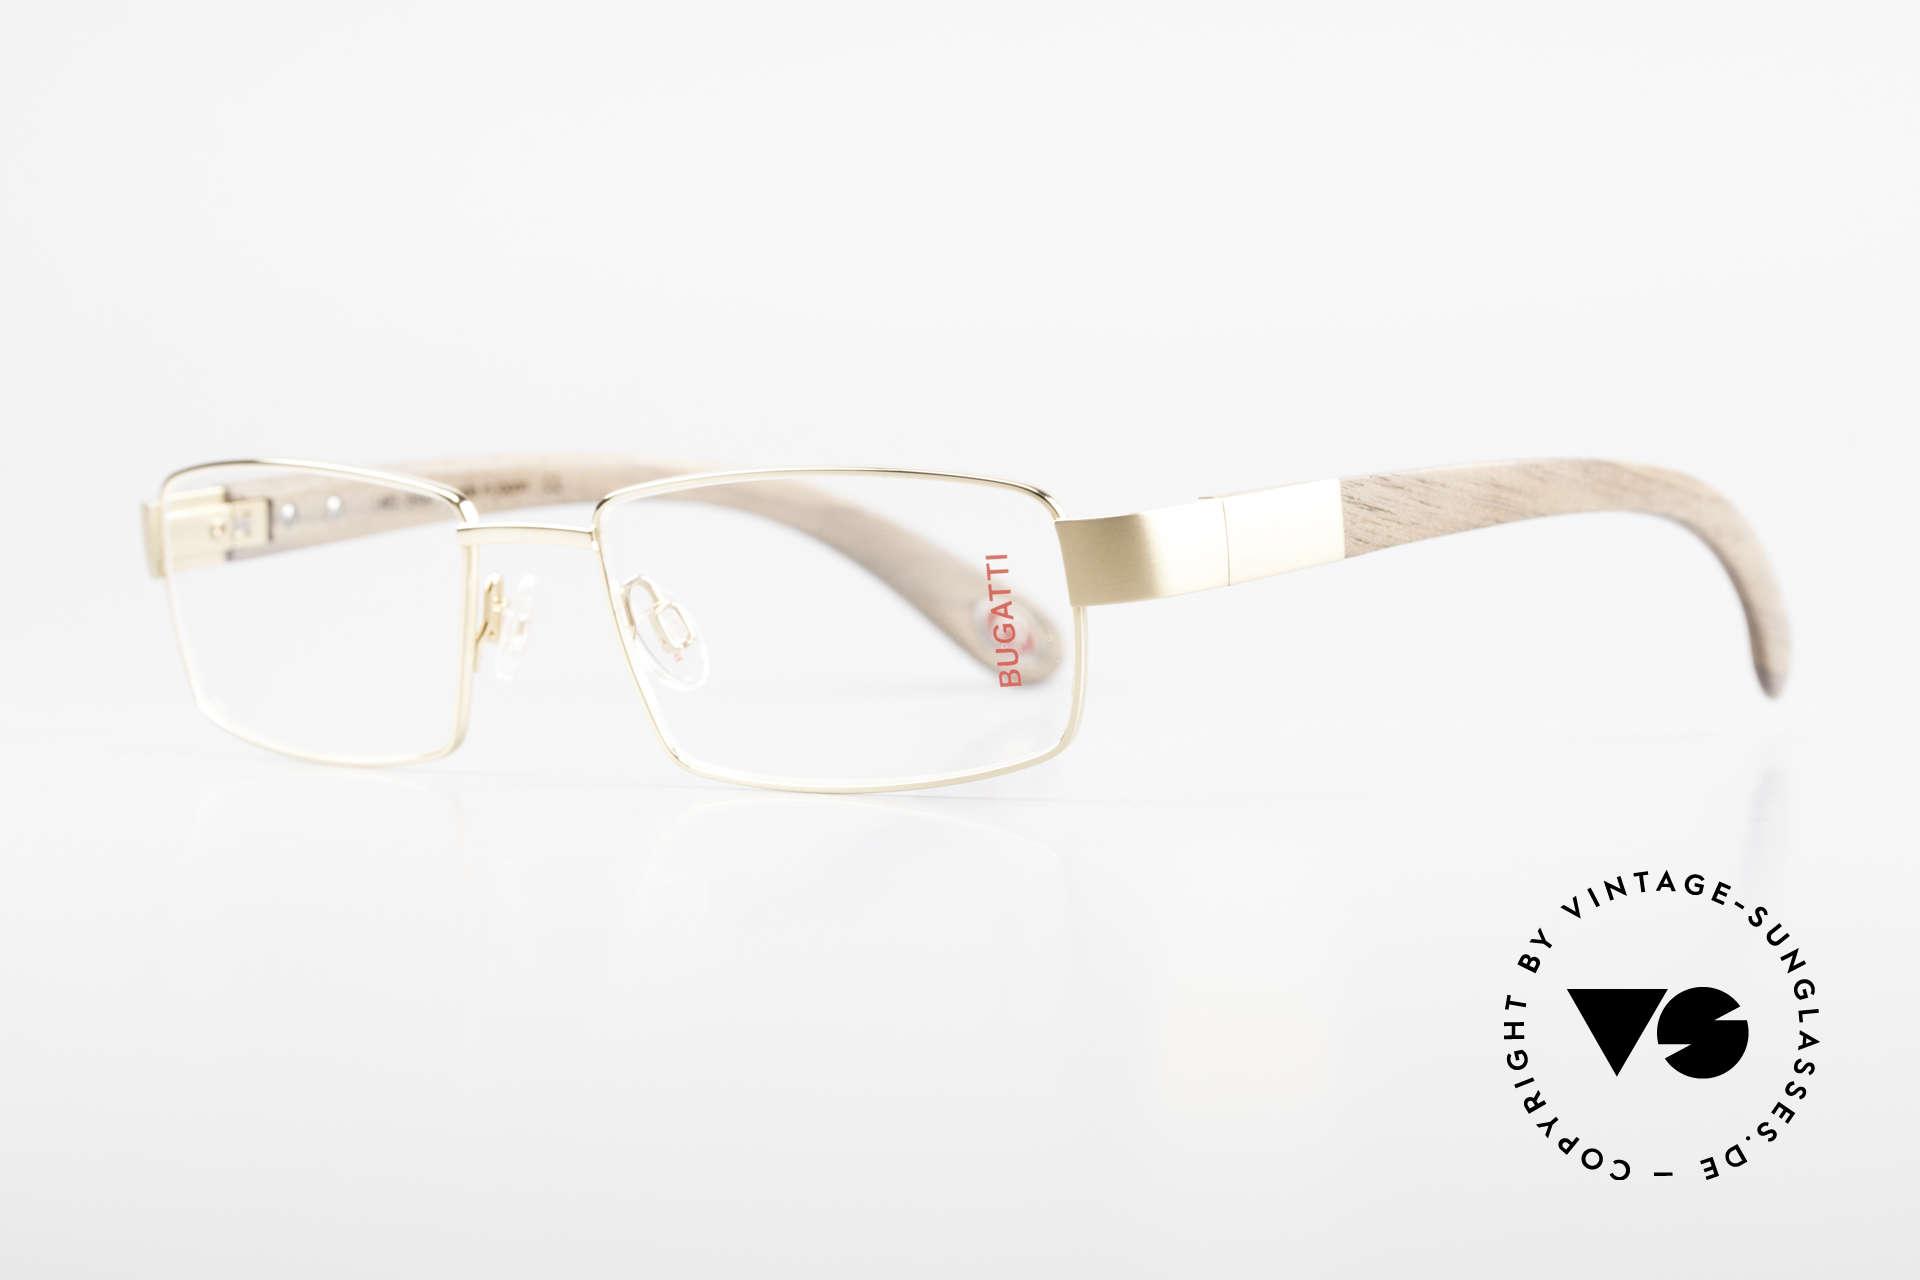 Bugatti 531 Walnussholz Titanbrille Gold, Bügel sind aus echtem Walnussholz (Naturmaterial), Passend für Herren